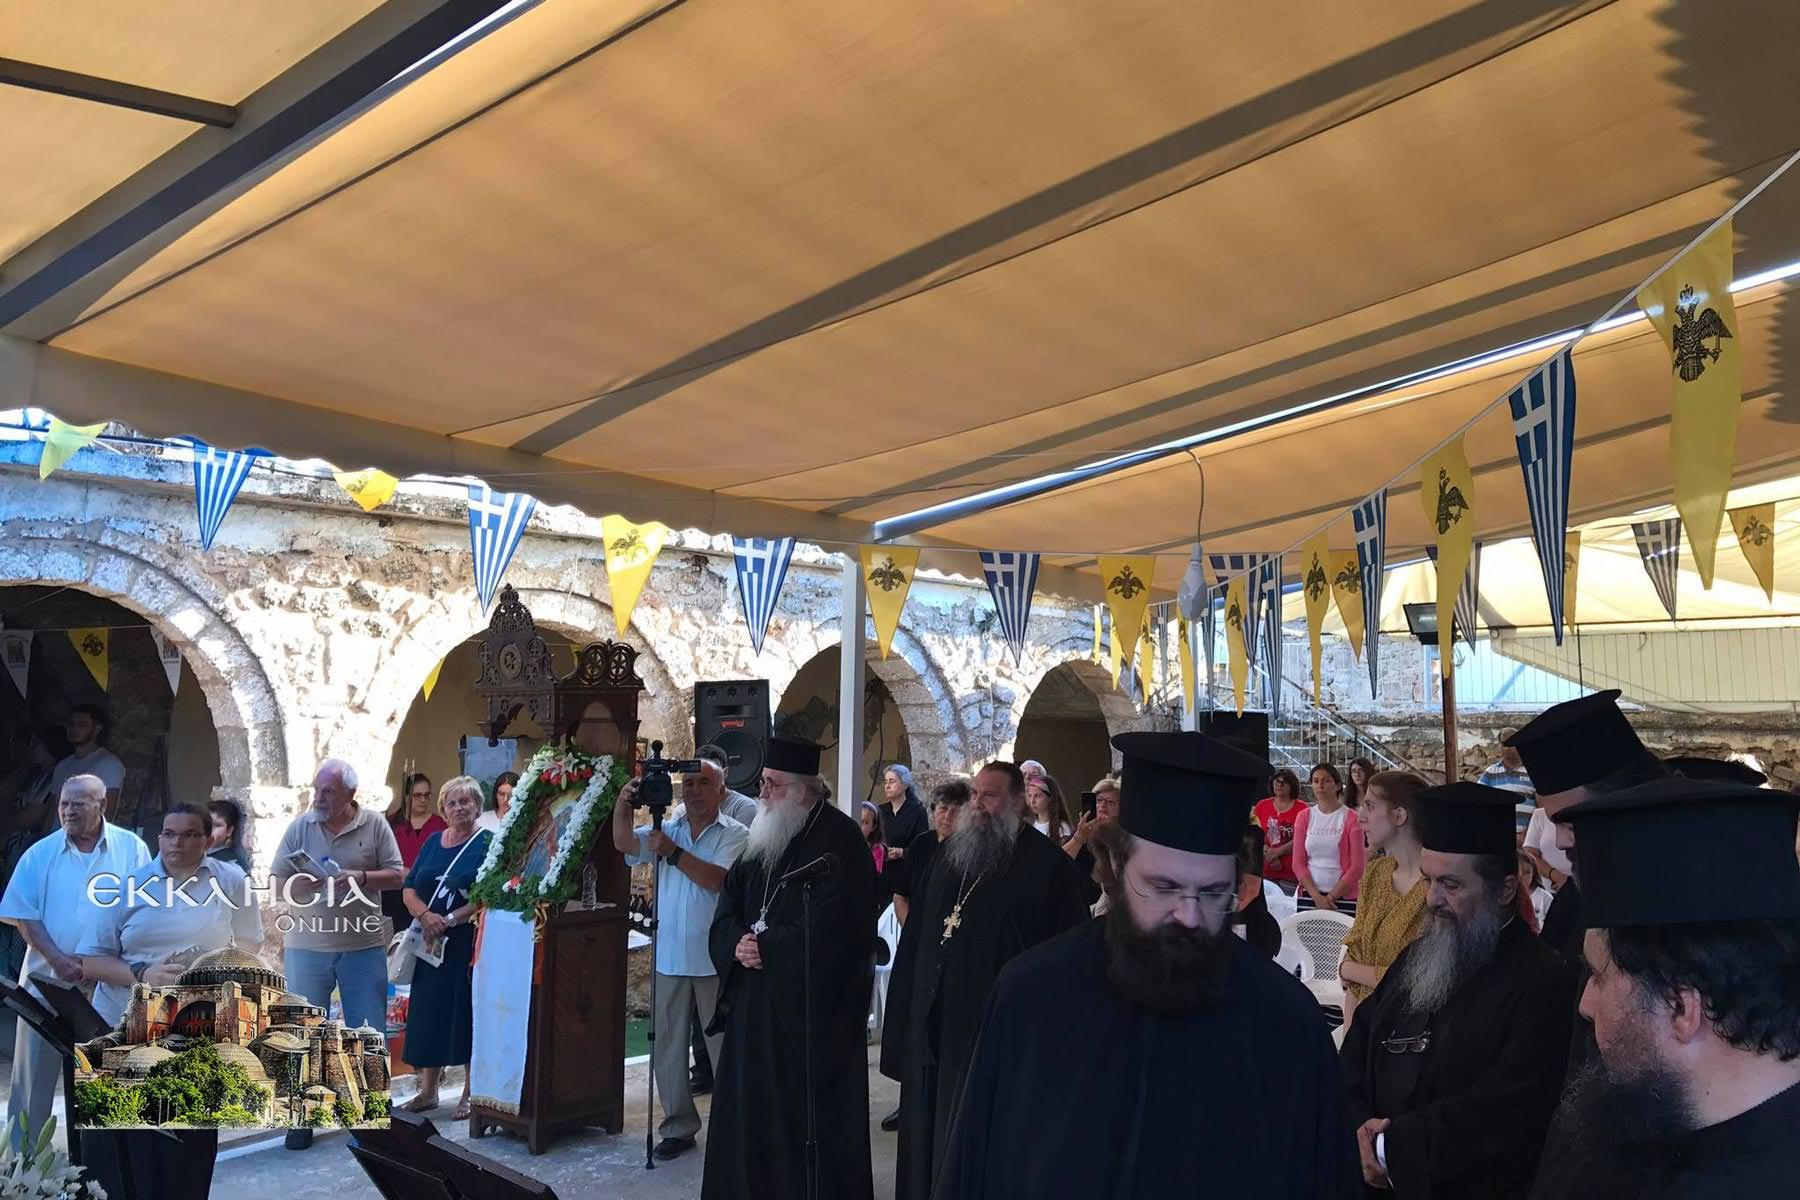 Προφήτης Ηλίας Ιερά Μονή Ζαχόλης